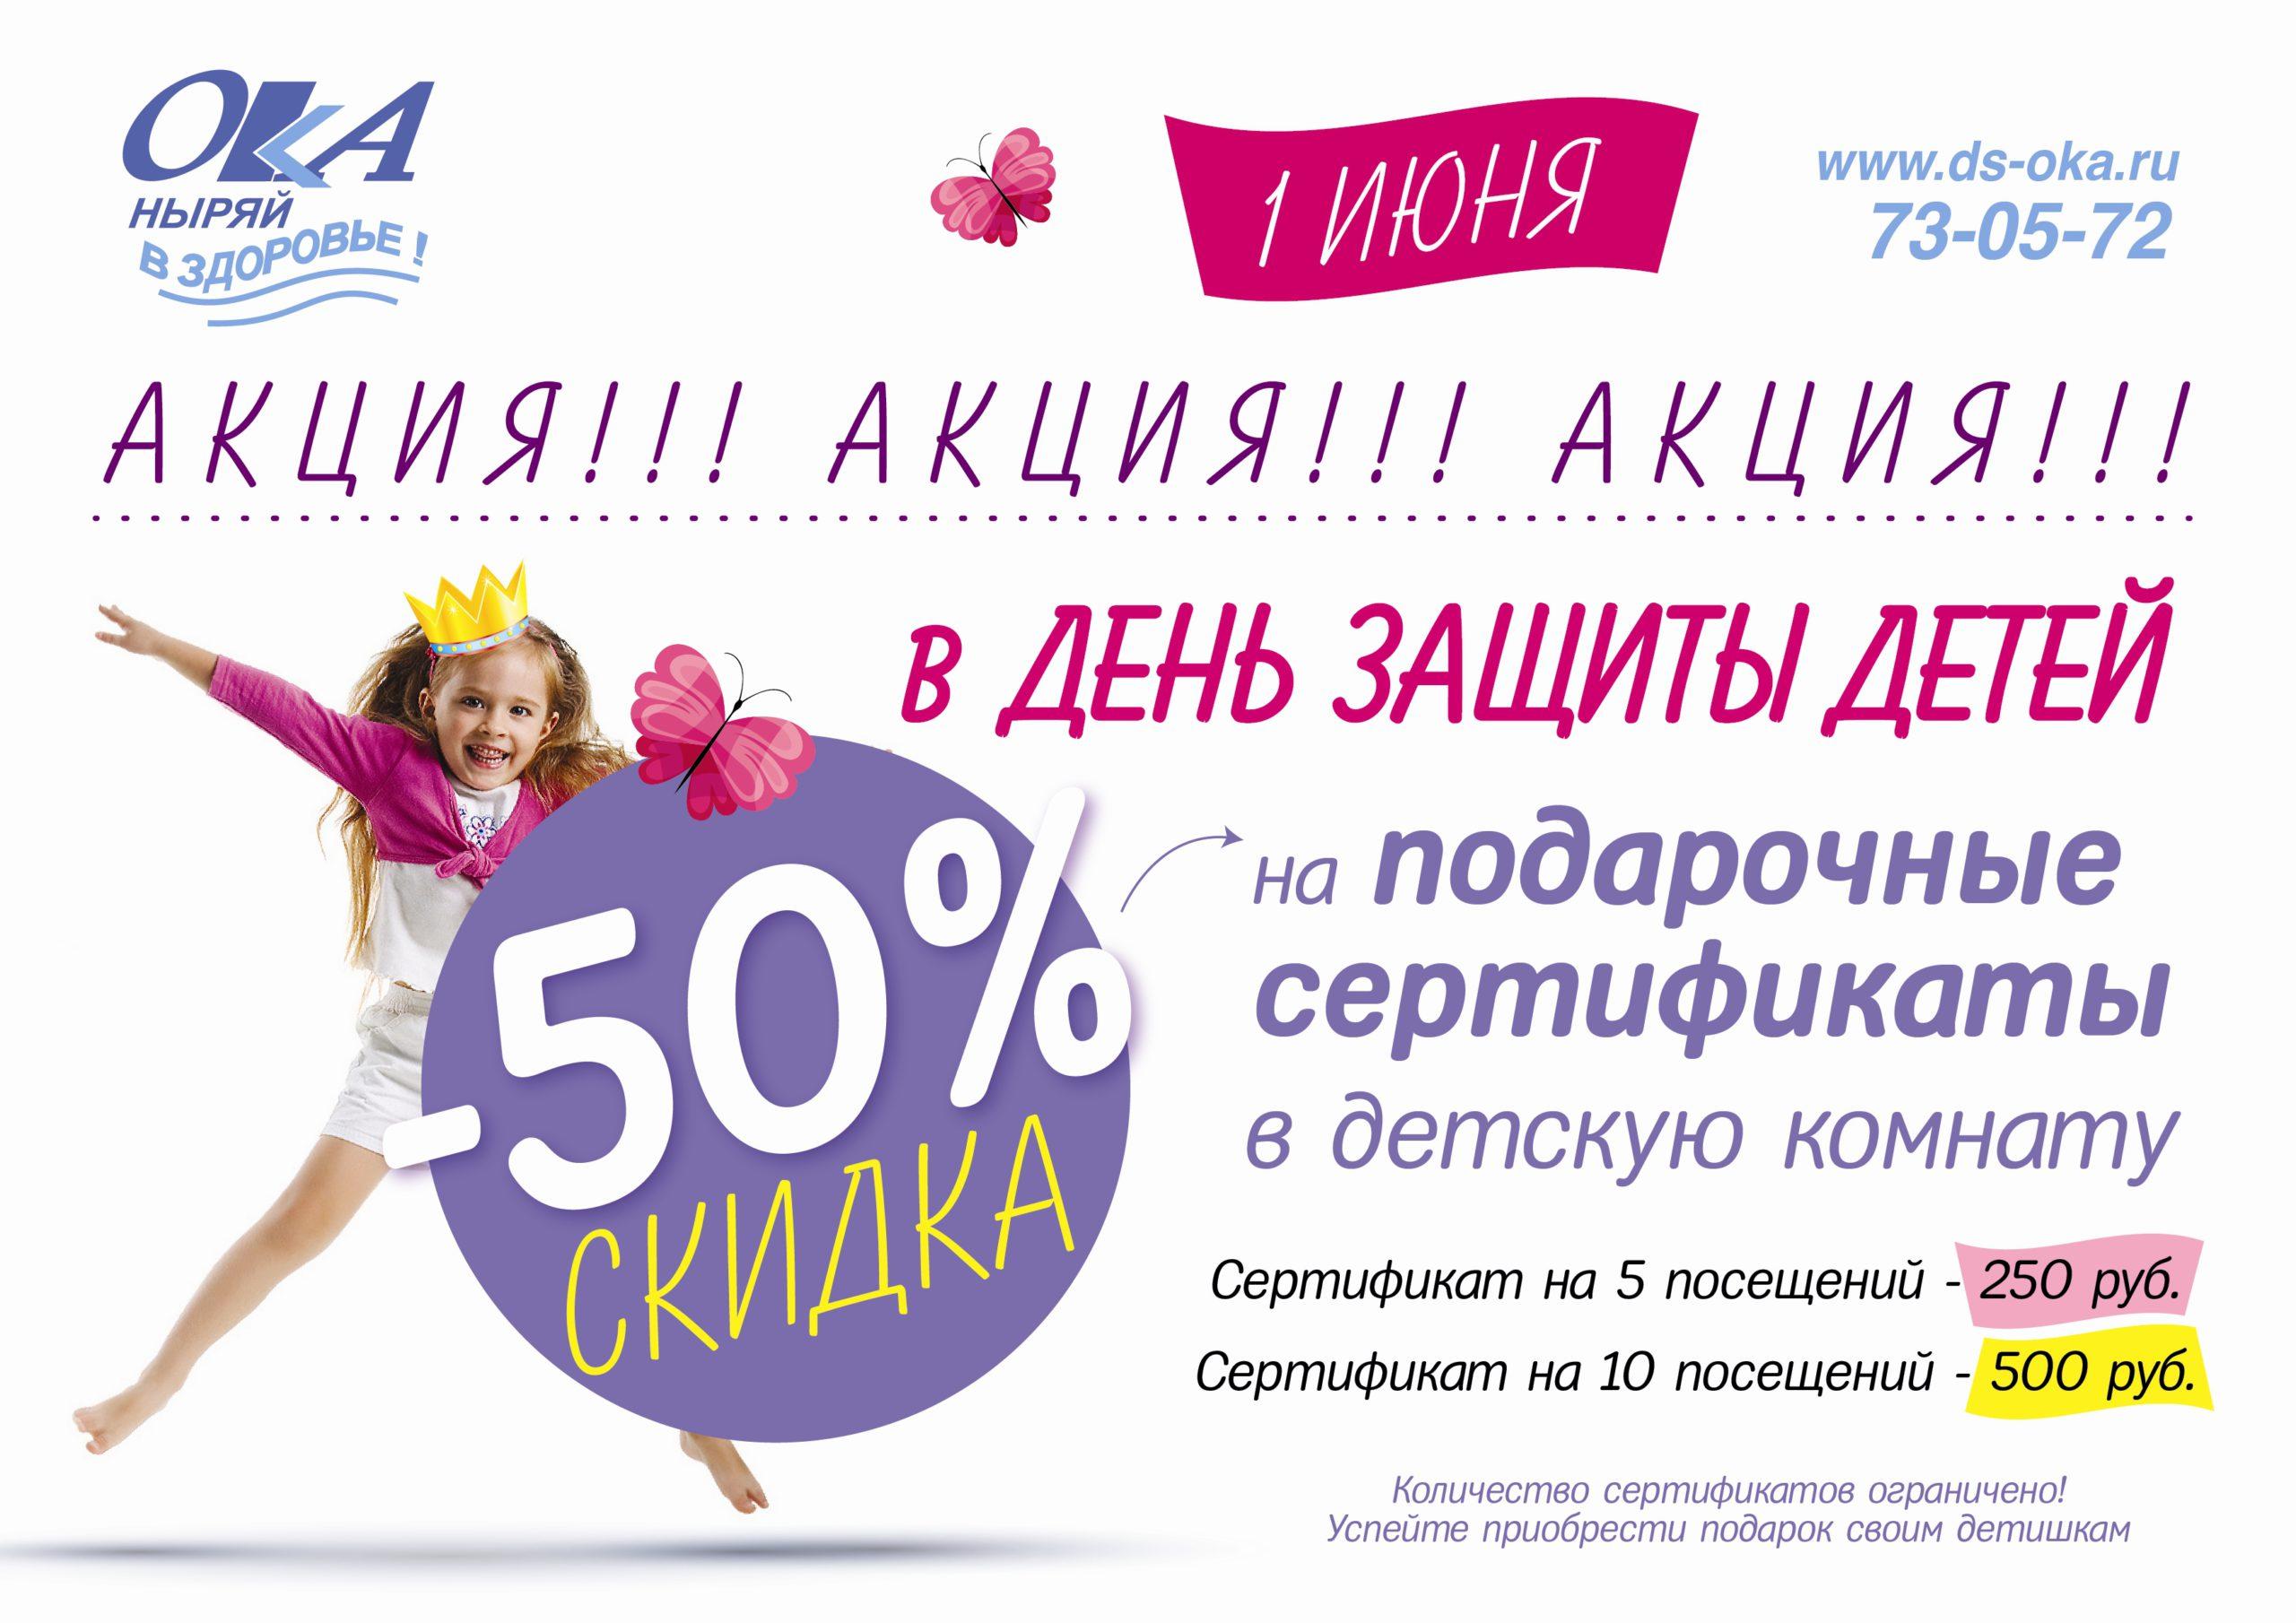 Акция в день защиты детей